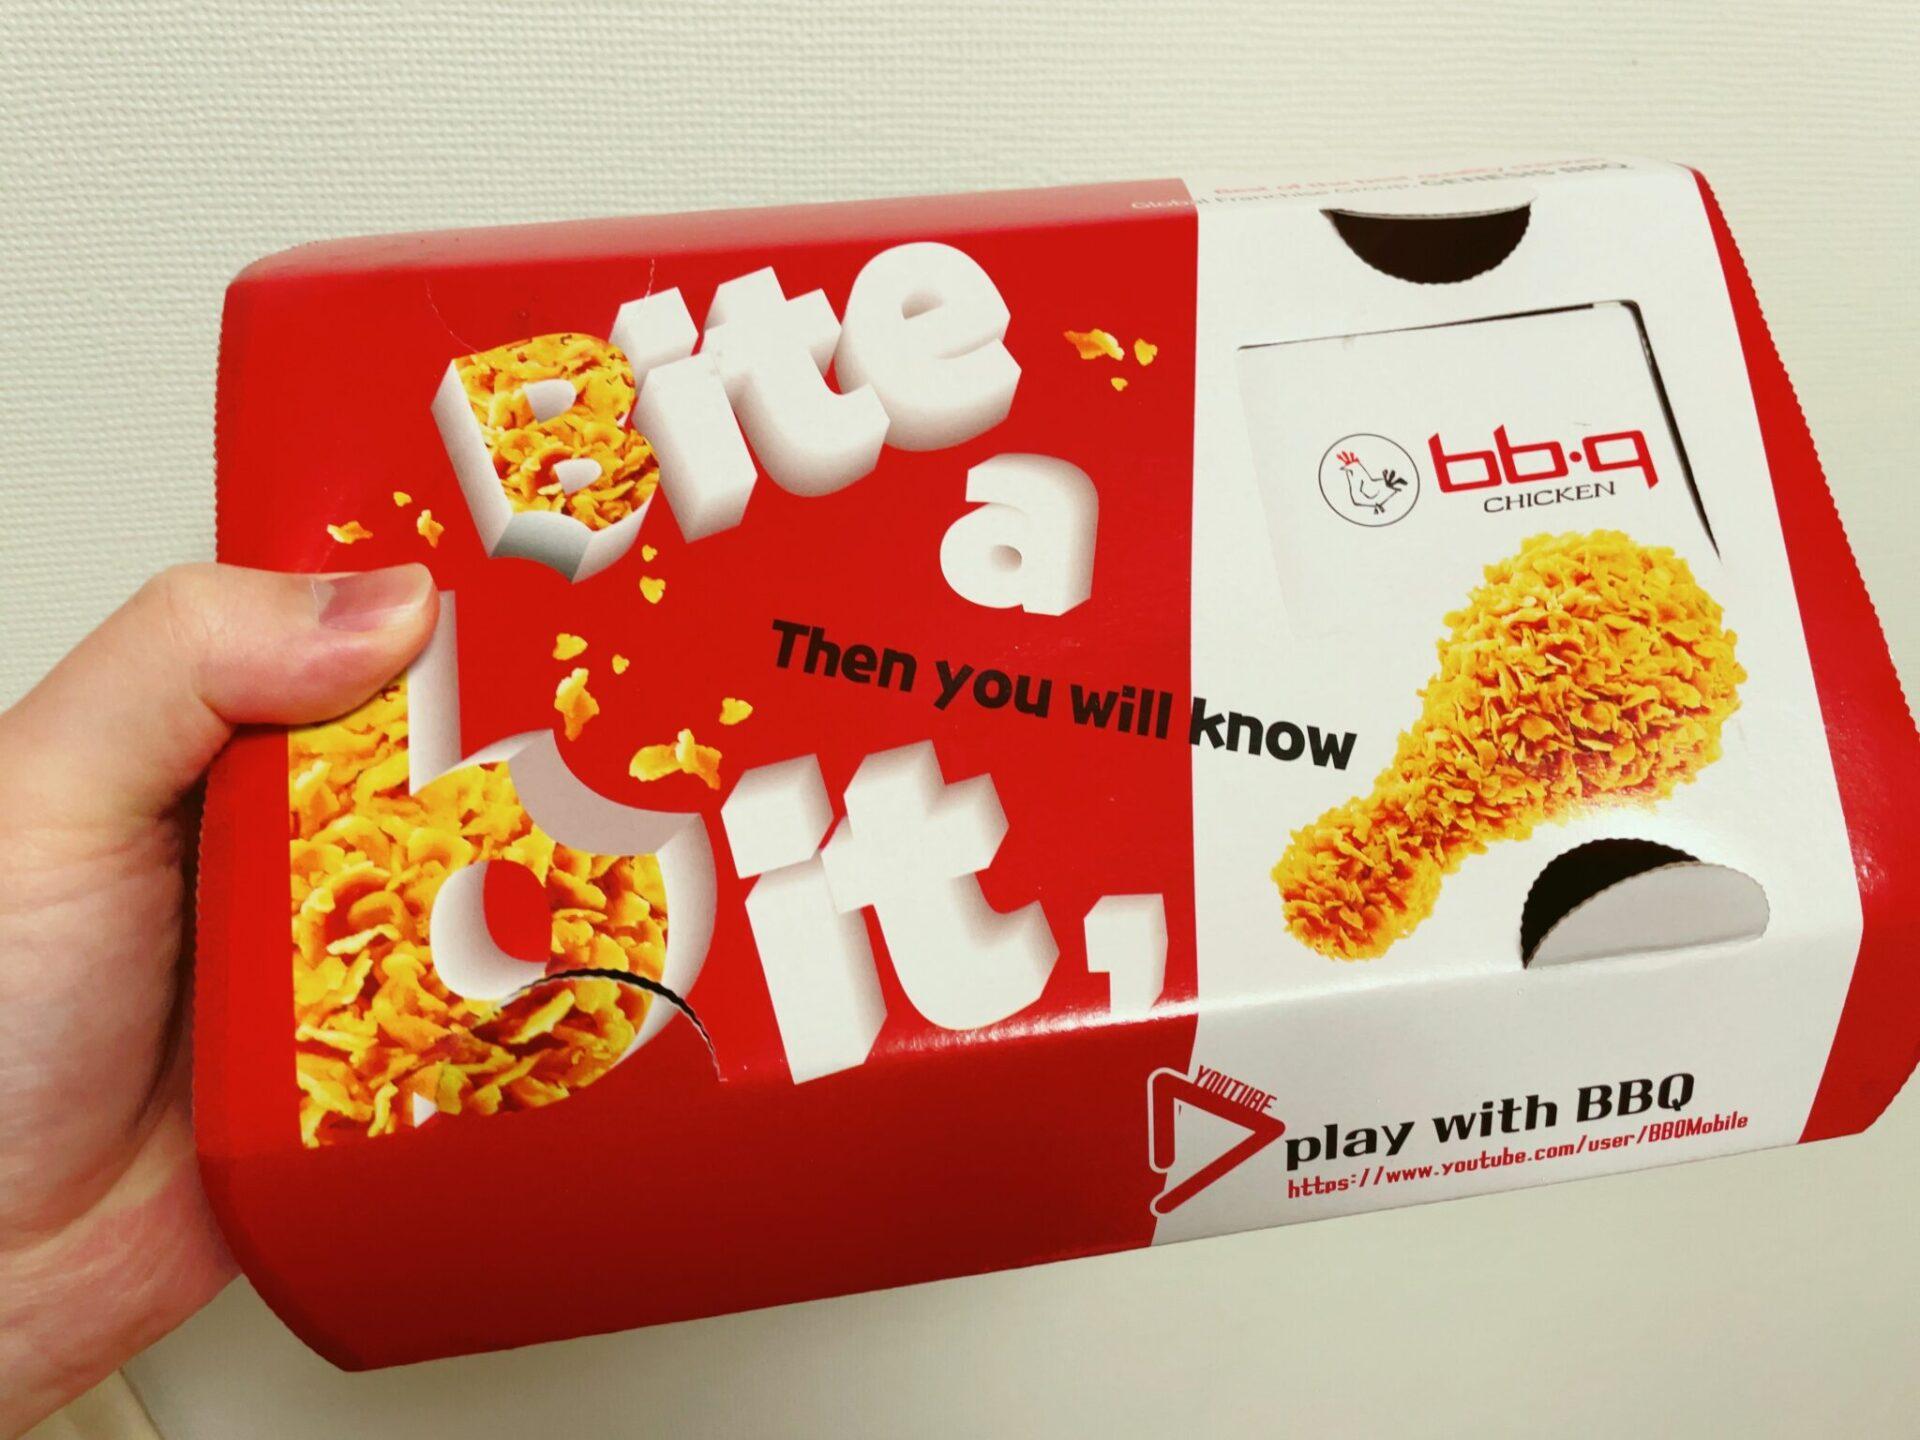 bb.qオリーブチキンカフェのボックス